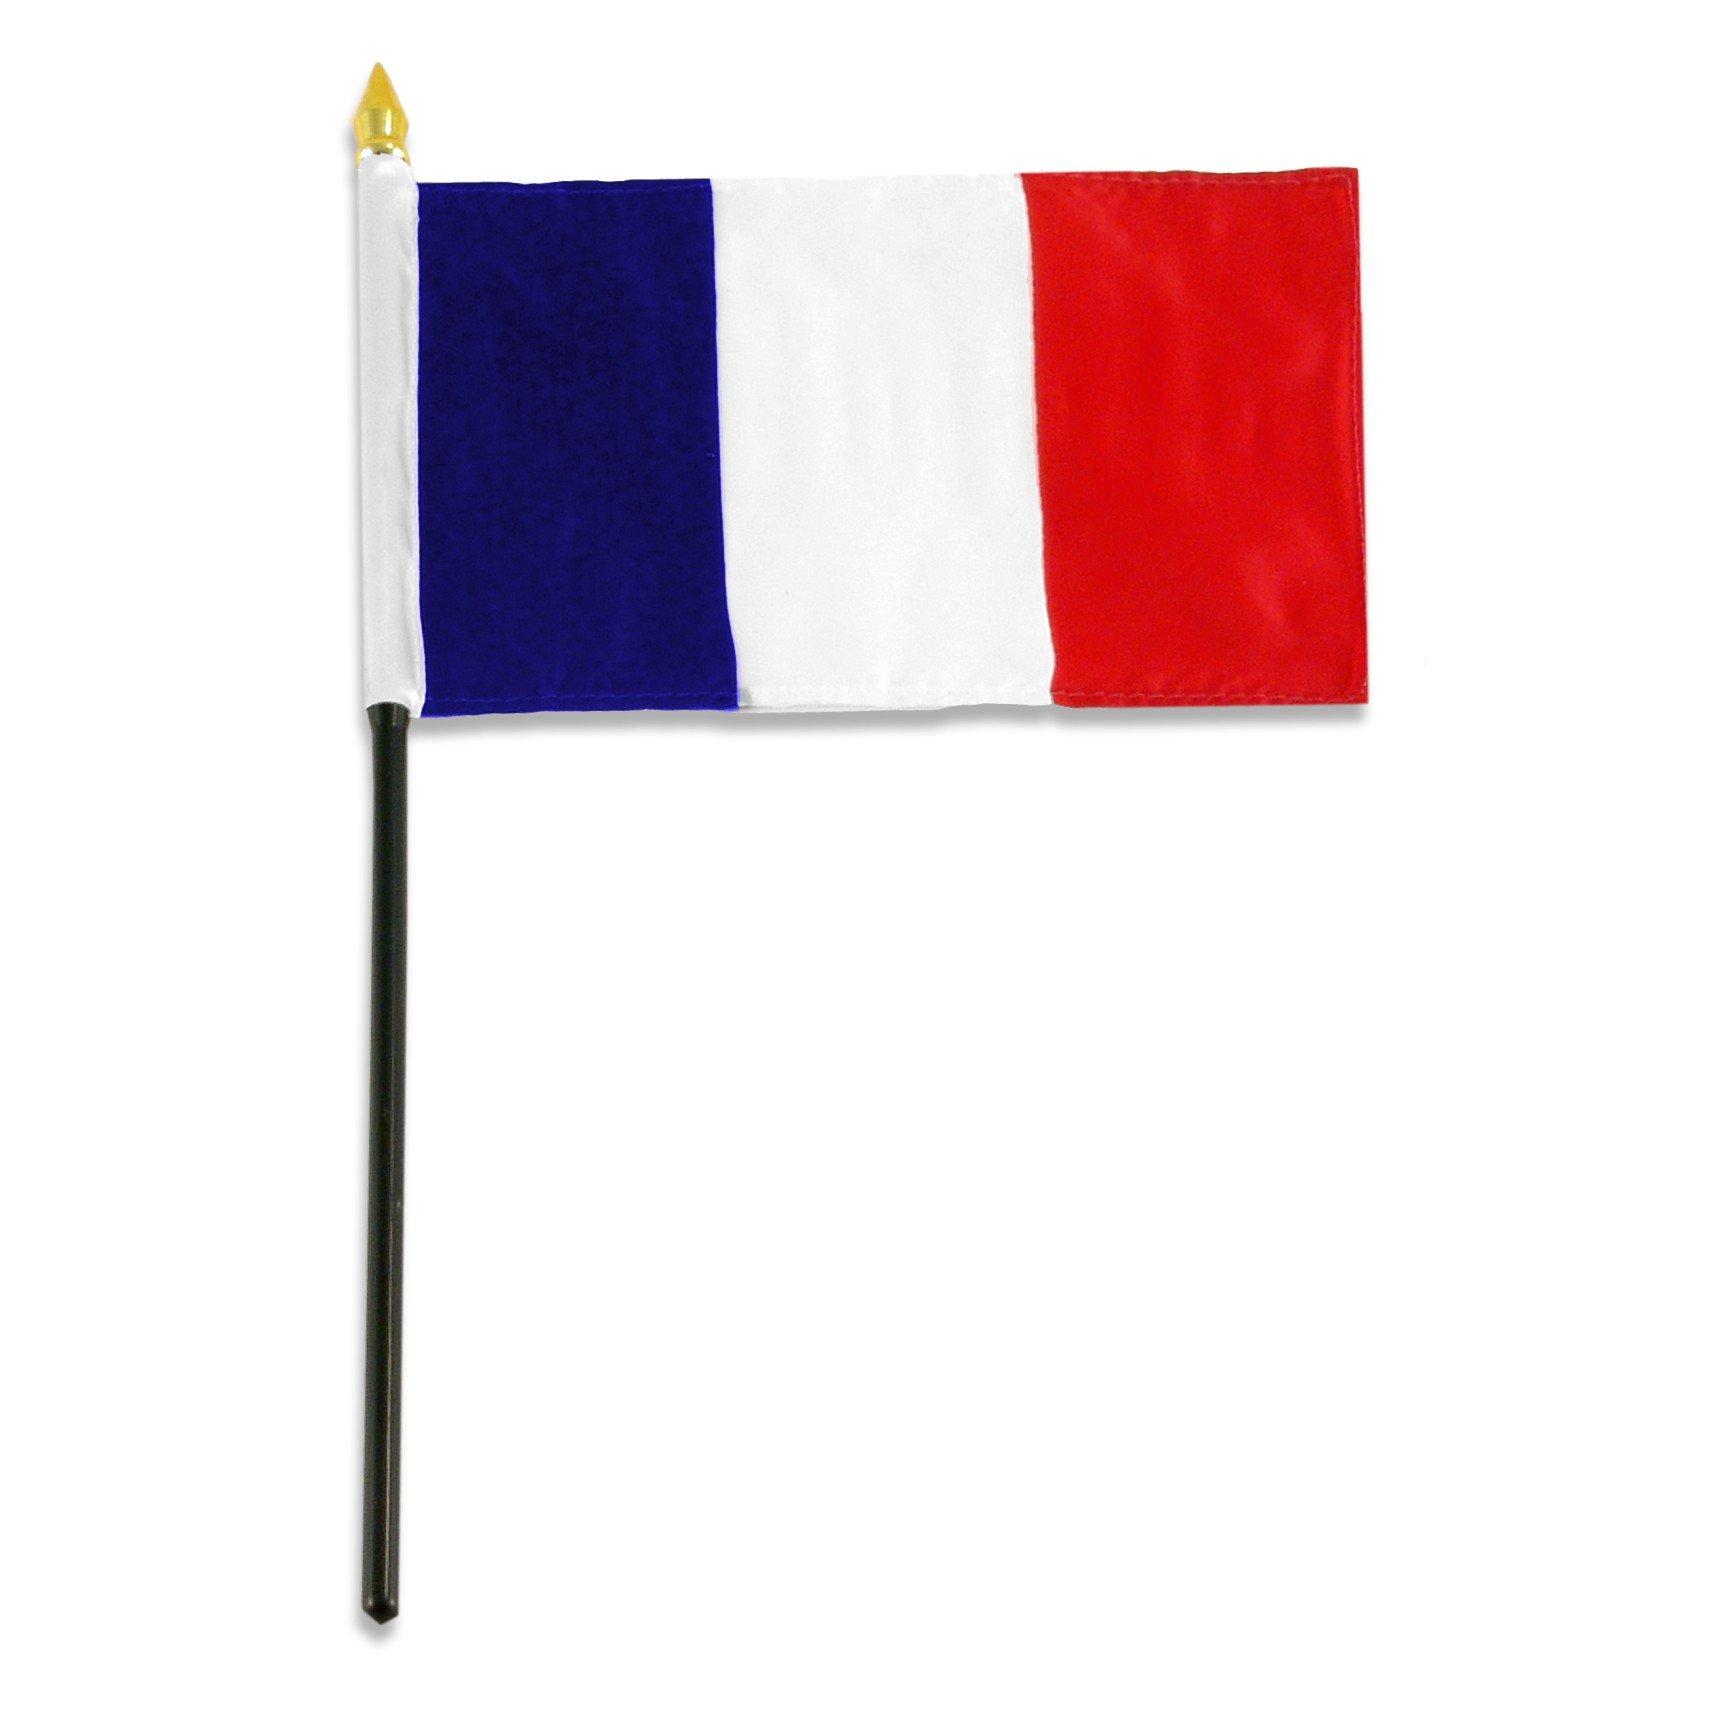 French flag francais